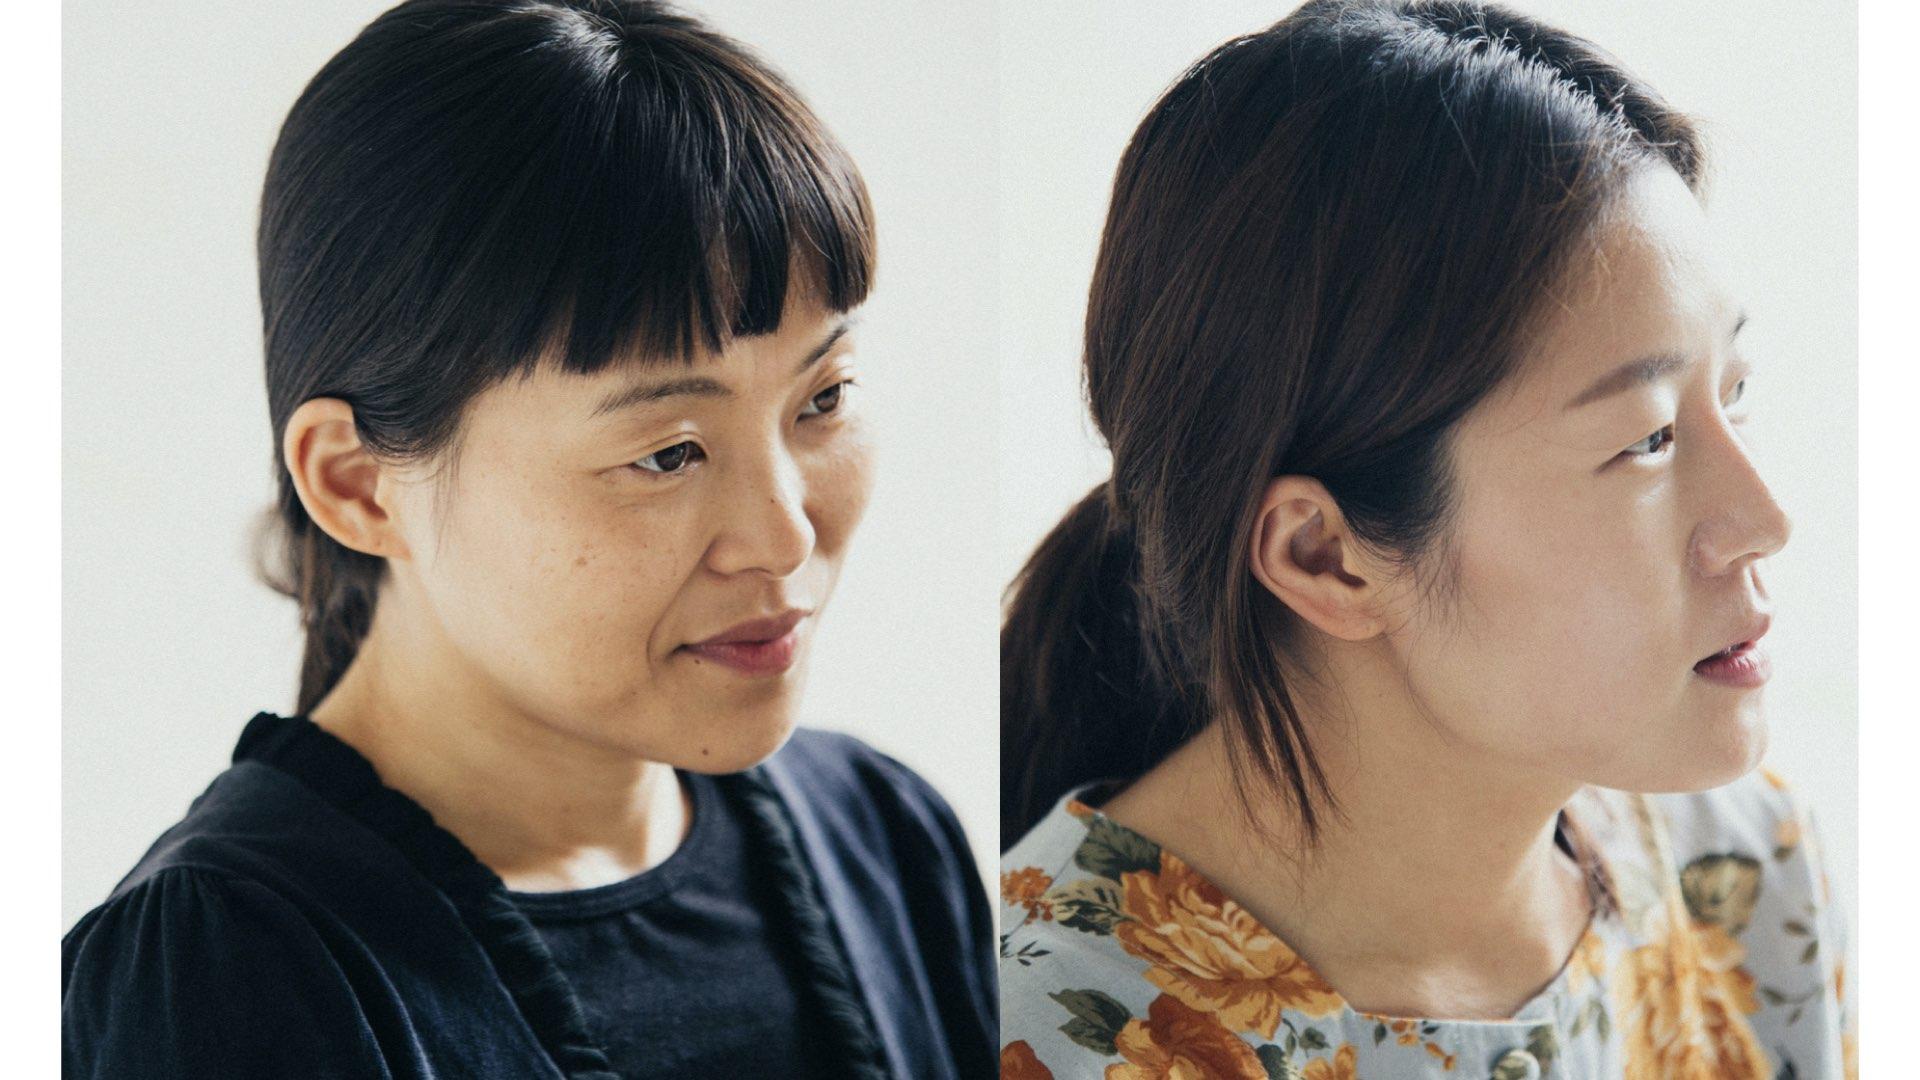 뮤지션 백정현, 뮤지션 김율희